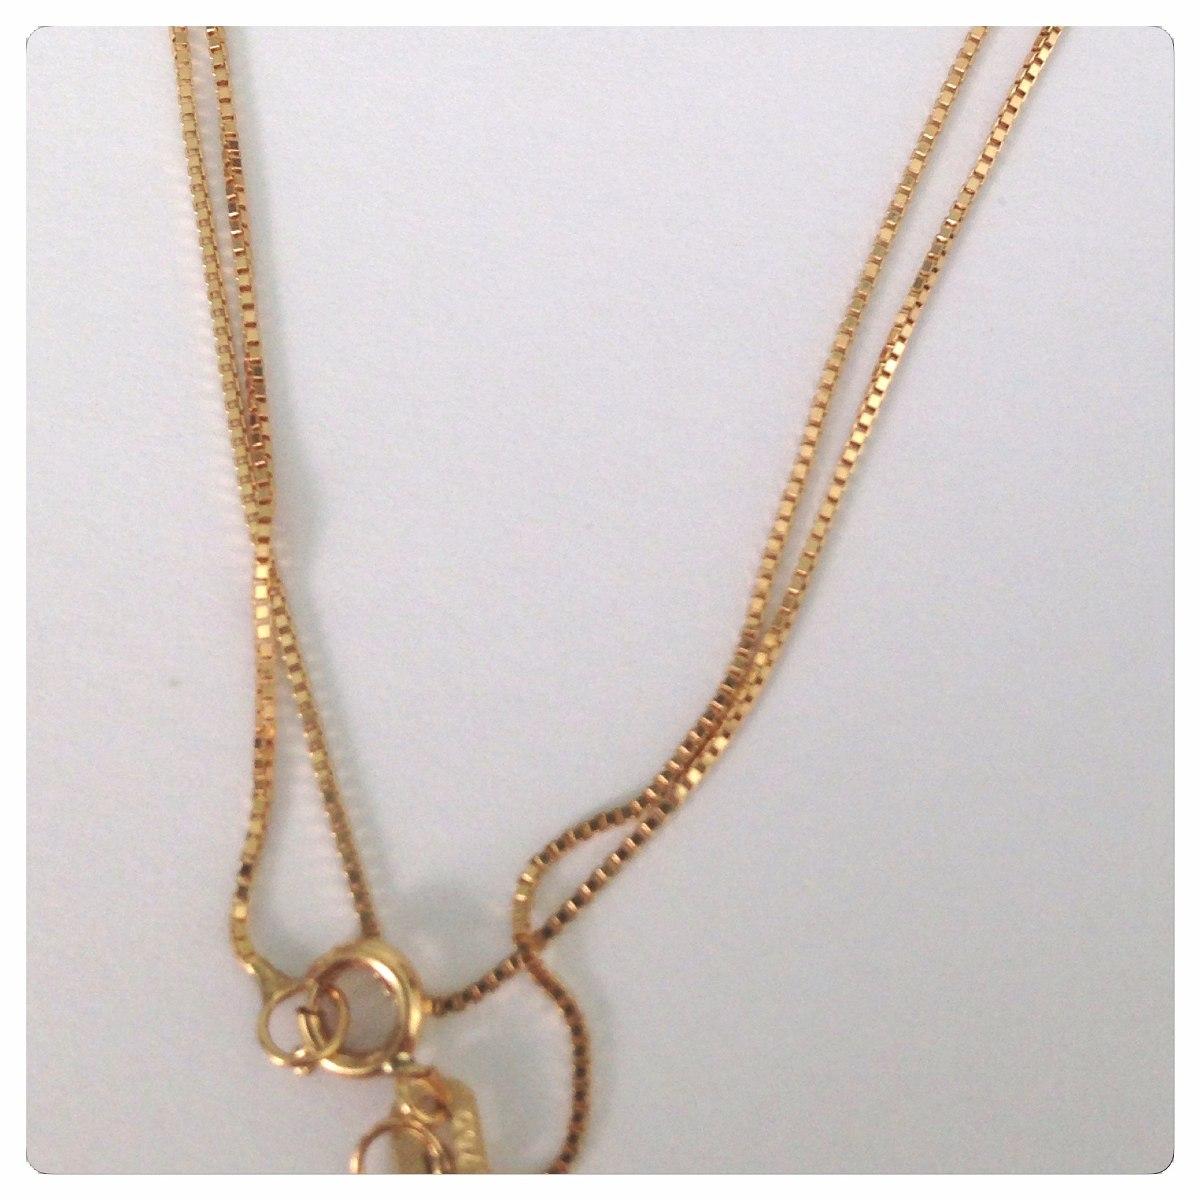 11c3a85ae9254 cordão corrente veneziana italiana 60cm em ouro 18k- maciça. Carregando  zoom.